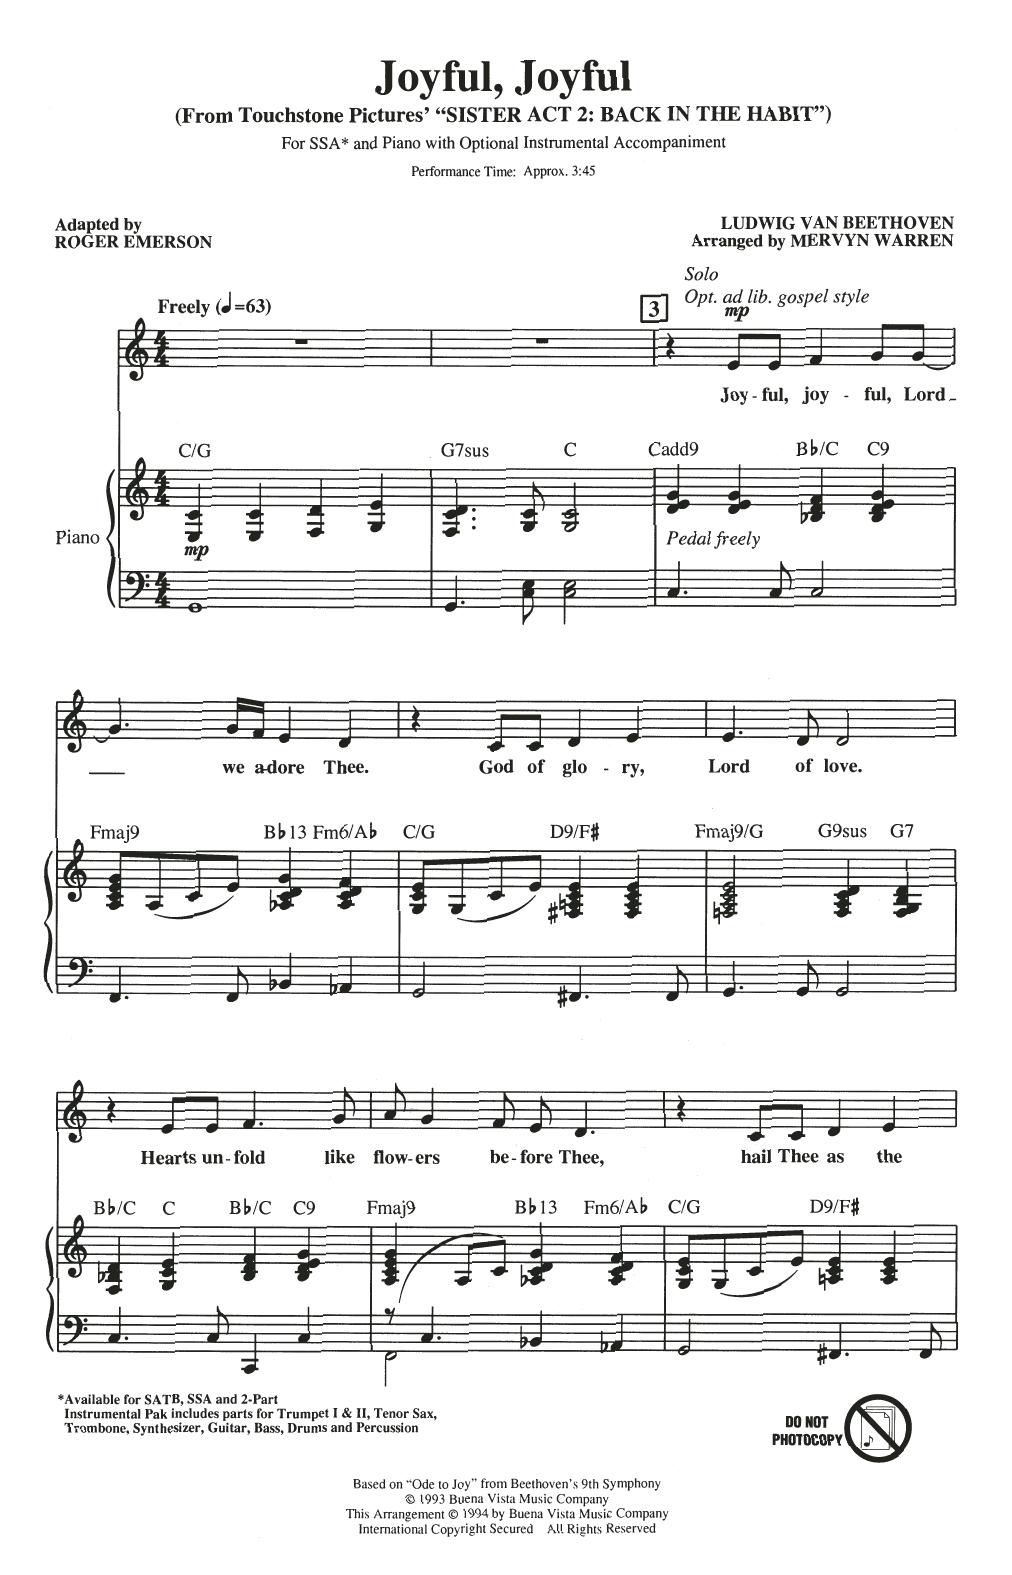 Joyful, Joyful (from Sister Act 2) (arr. Roger Emerson) Sheet Music